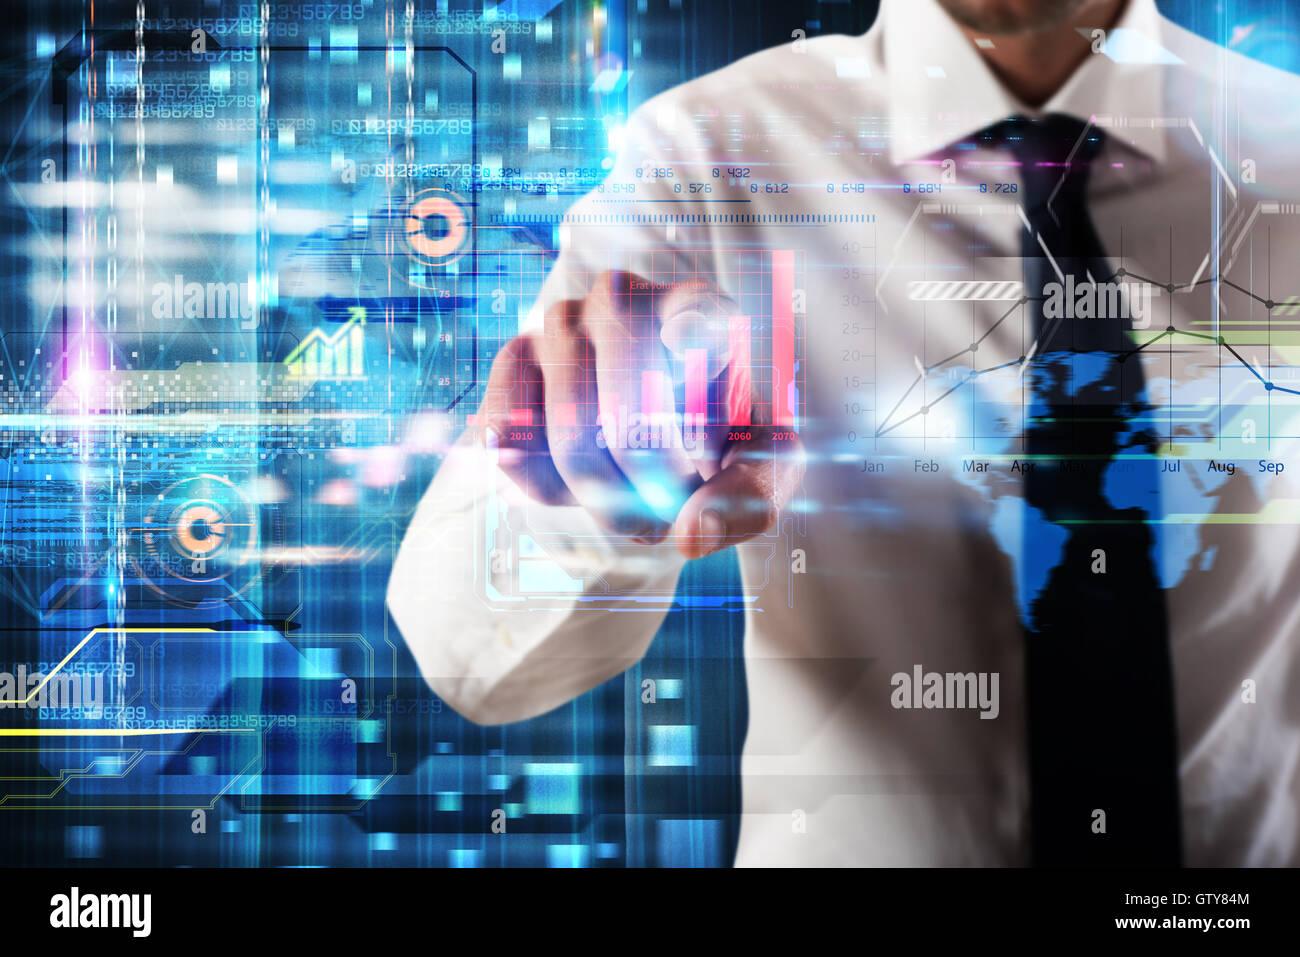 Schermo virtuale business system Immagini Stock